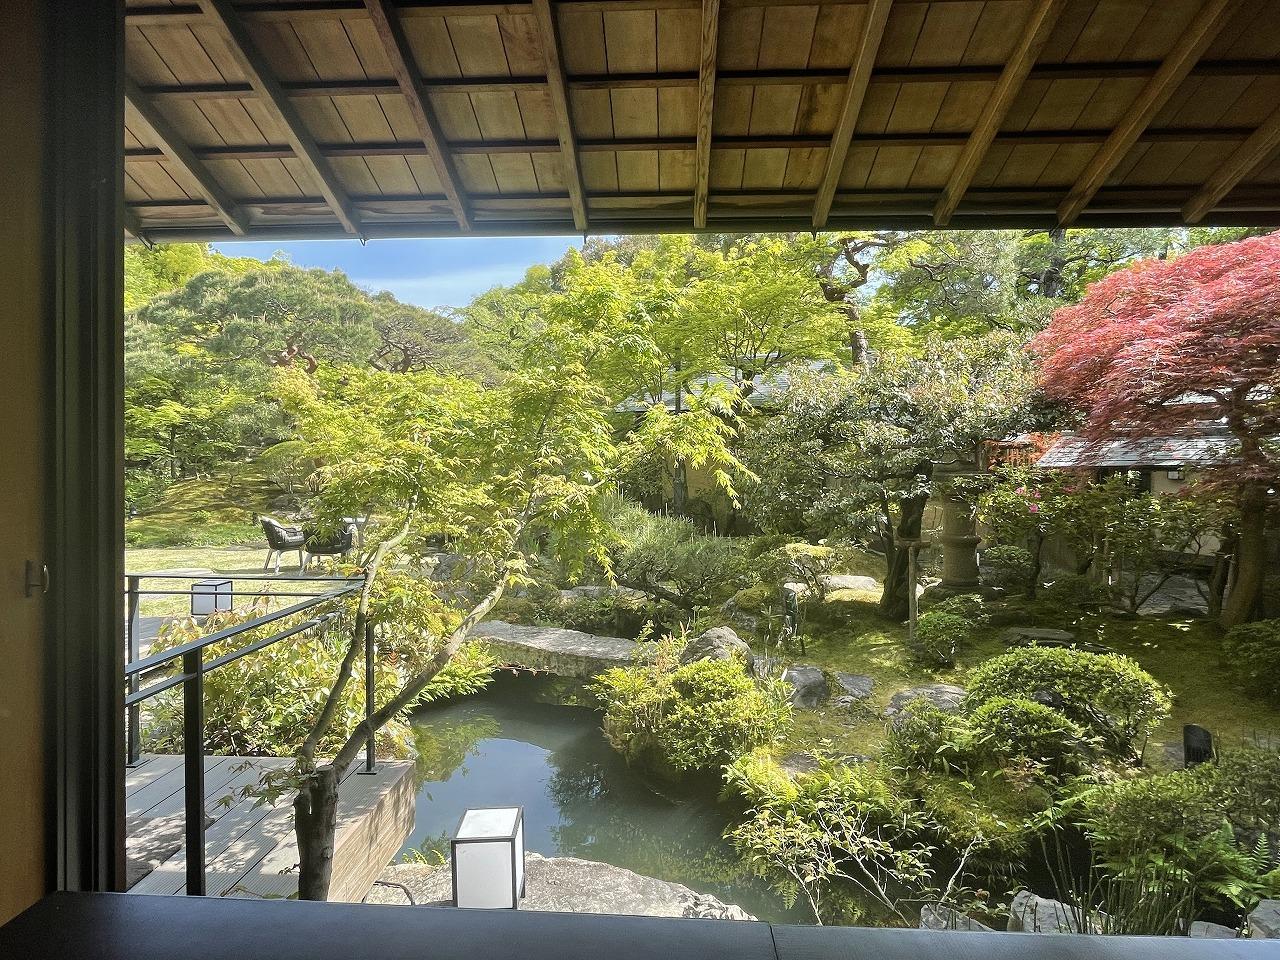 日本の庭園を楽しみながらアフタヌーンティー。_1_2